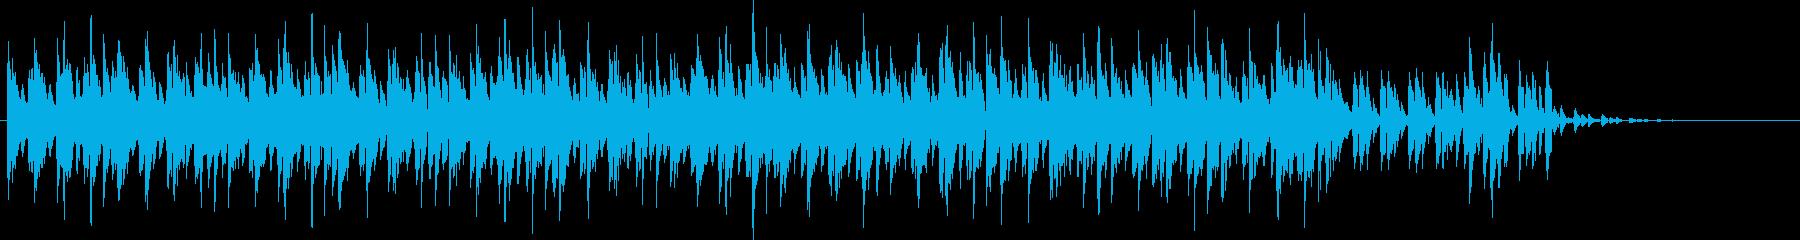 【クリスマス曲アレンジ】もろびとこぞりての再生済みの波形